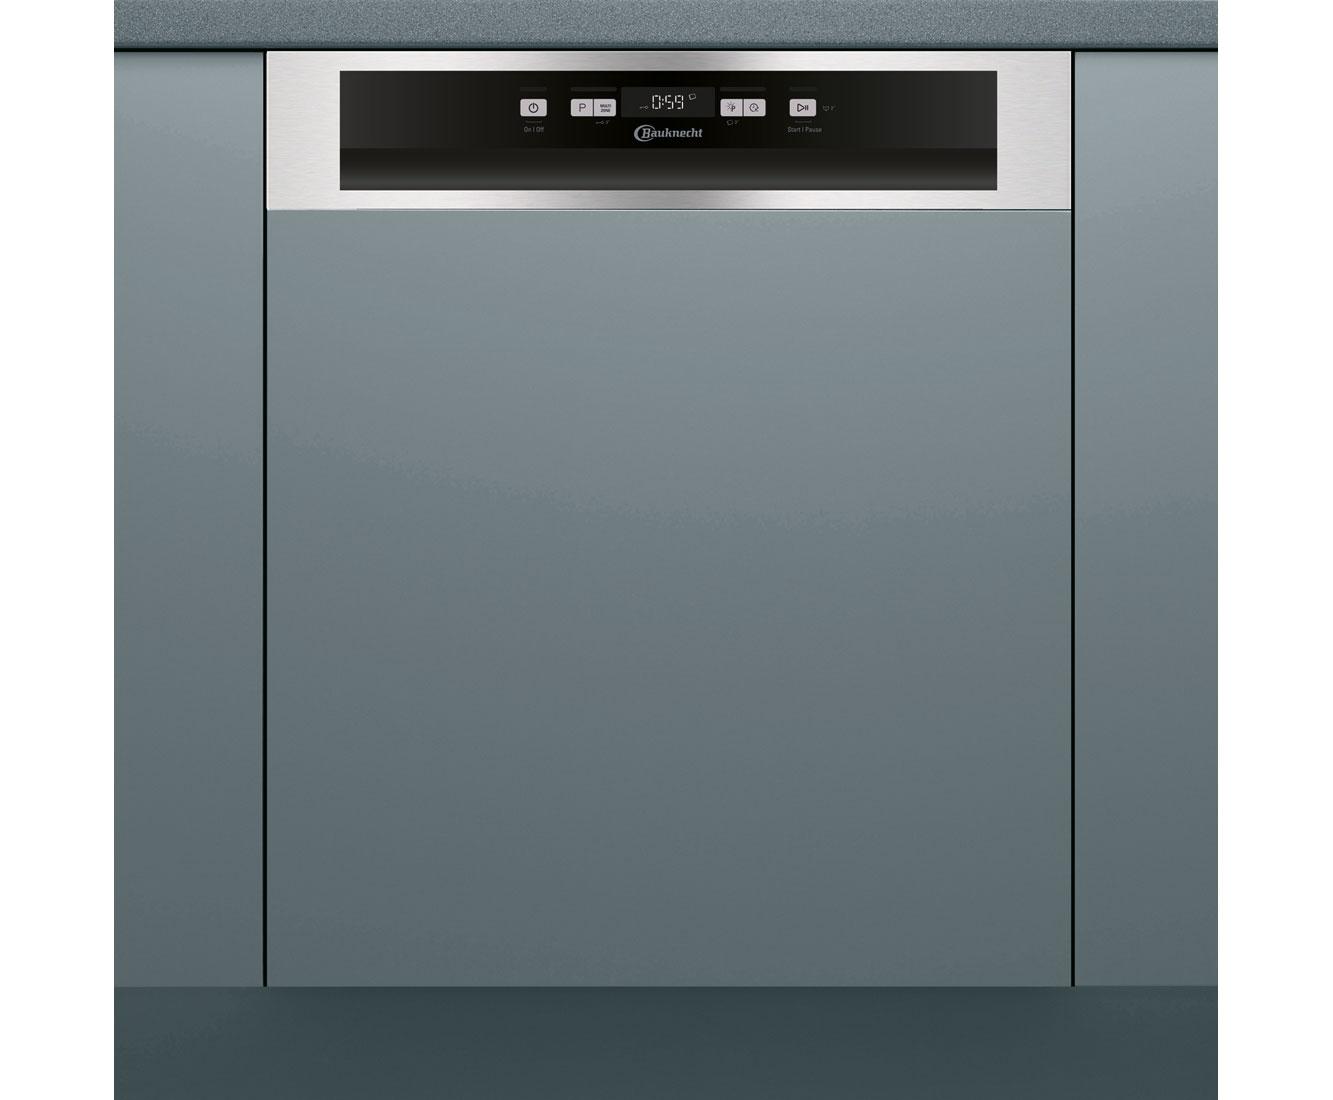 Bauknecht BBC 3C26 PF X A Geschirrspüler 60 cm - Edelstahl | Küche und Esszimmer > Küchenelektrogeräte > Gefrierschränke | Edelstahl | Bauknecht